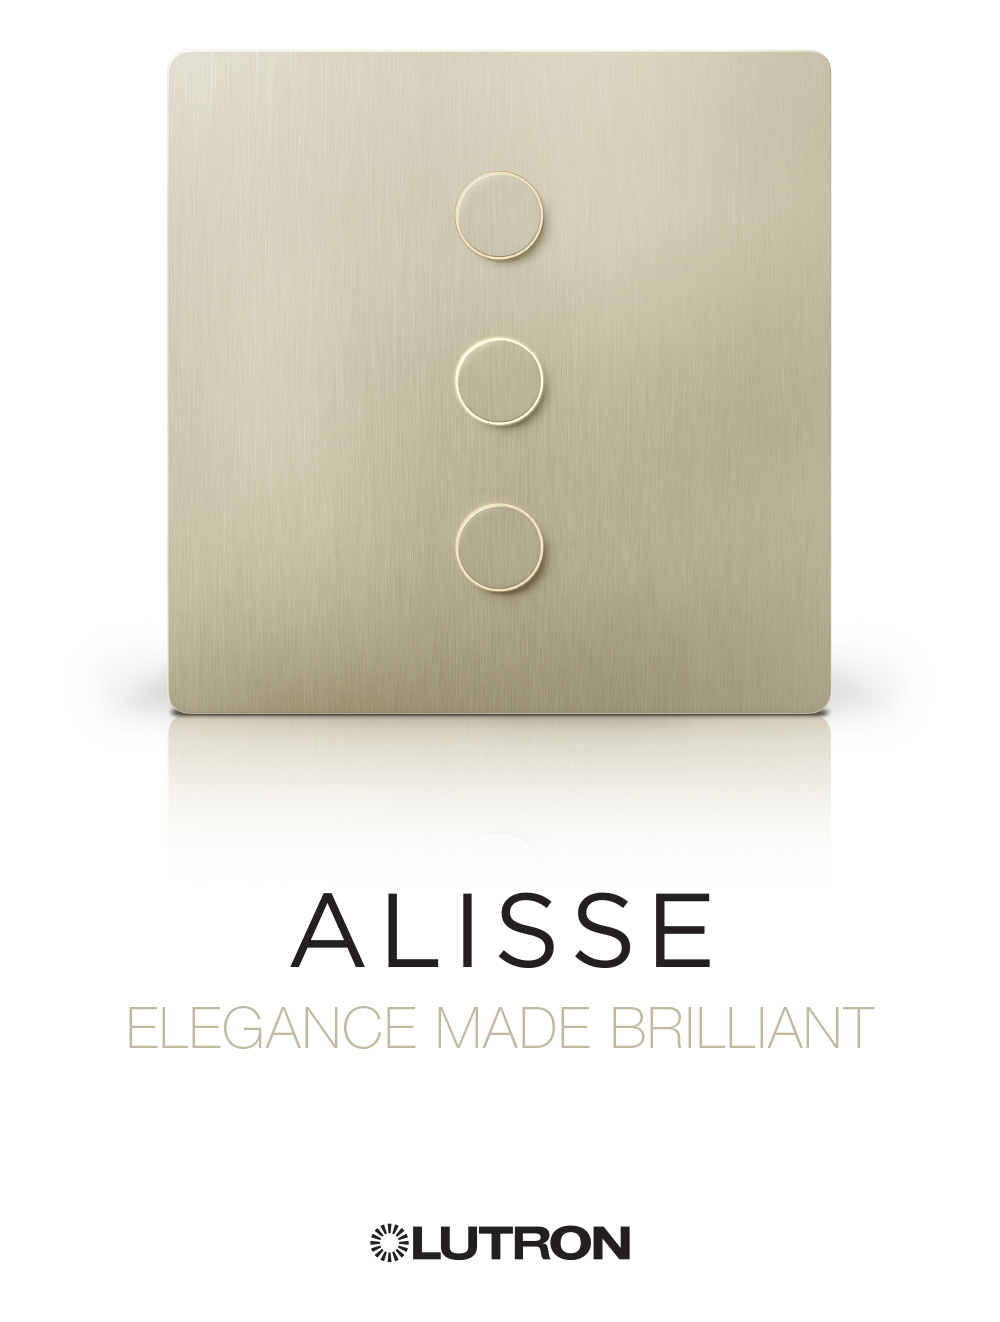 Lutron Keypad Alisse